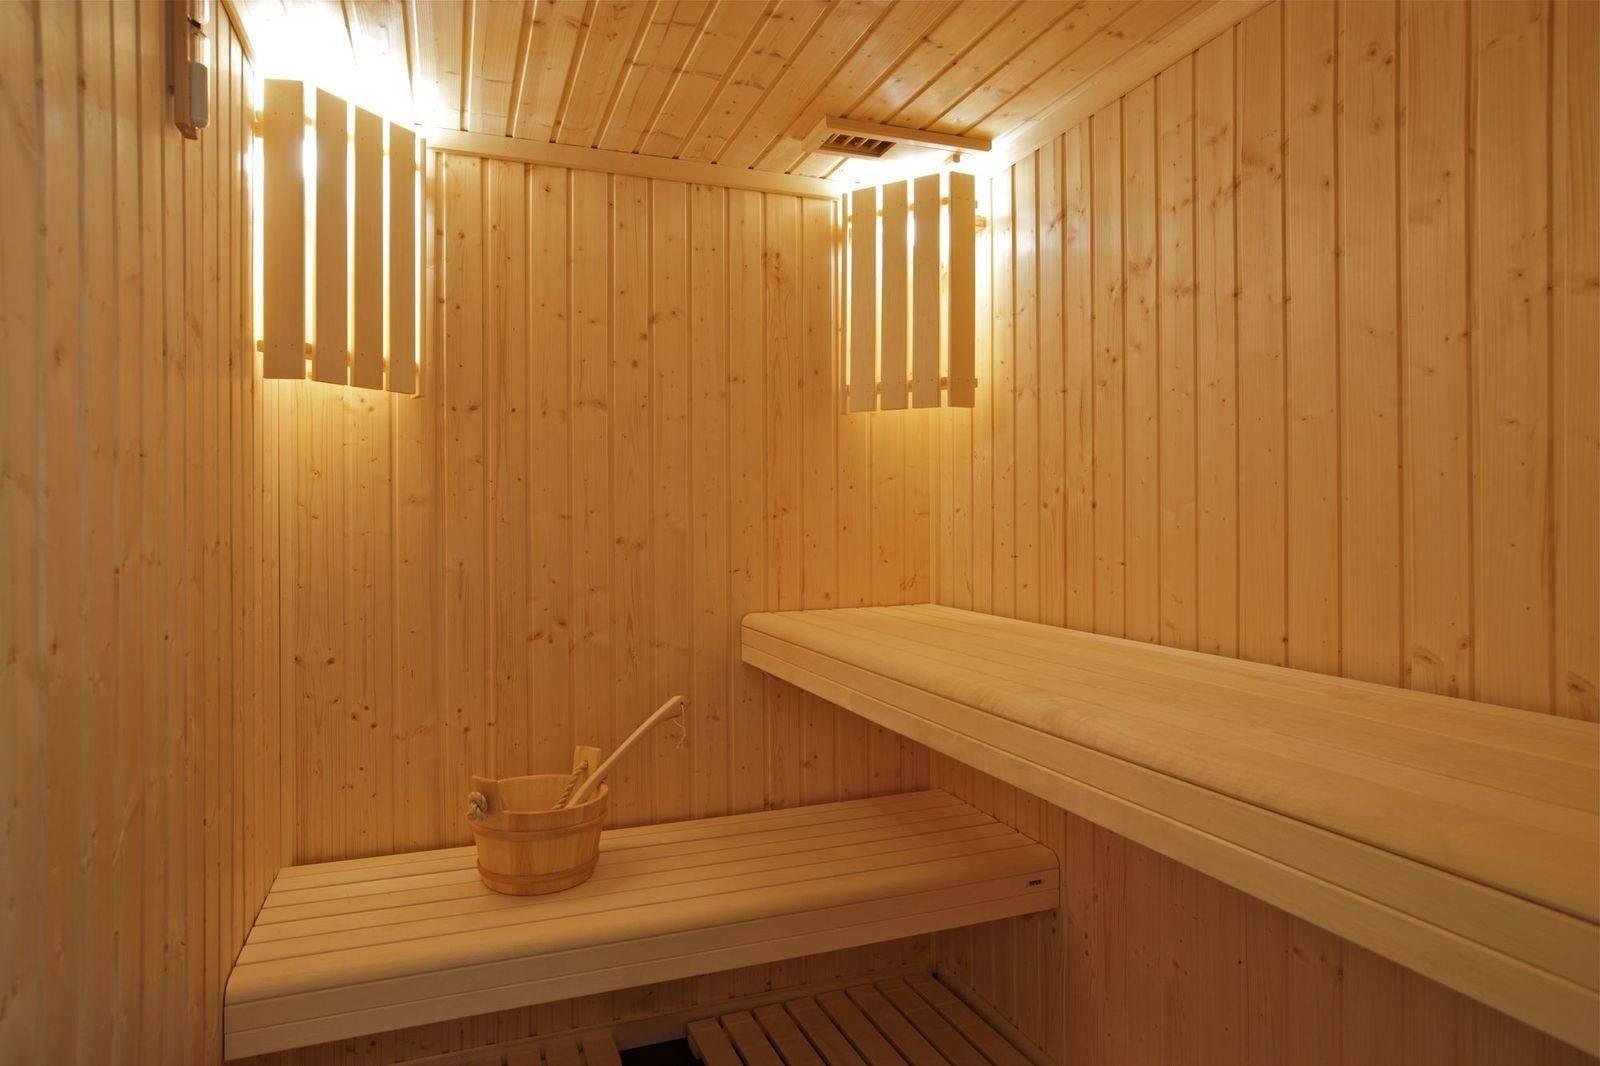 Courchevel 1850 Location Chalet Luxe Cesarolite Sauna